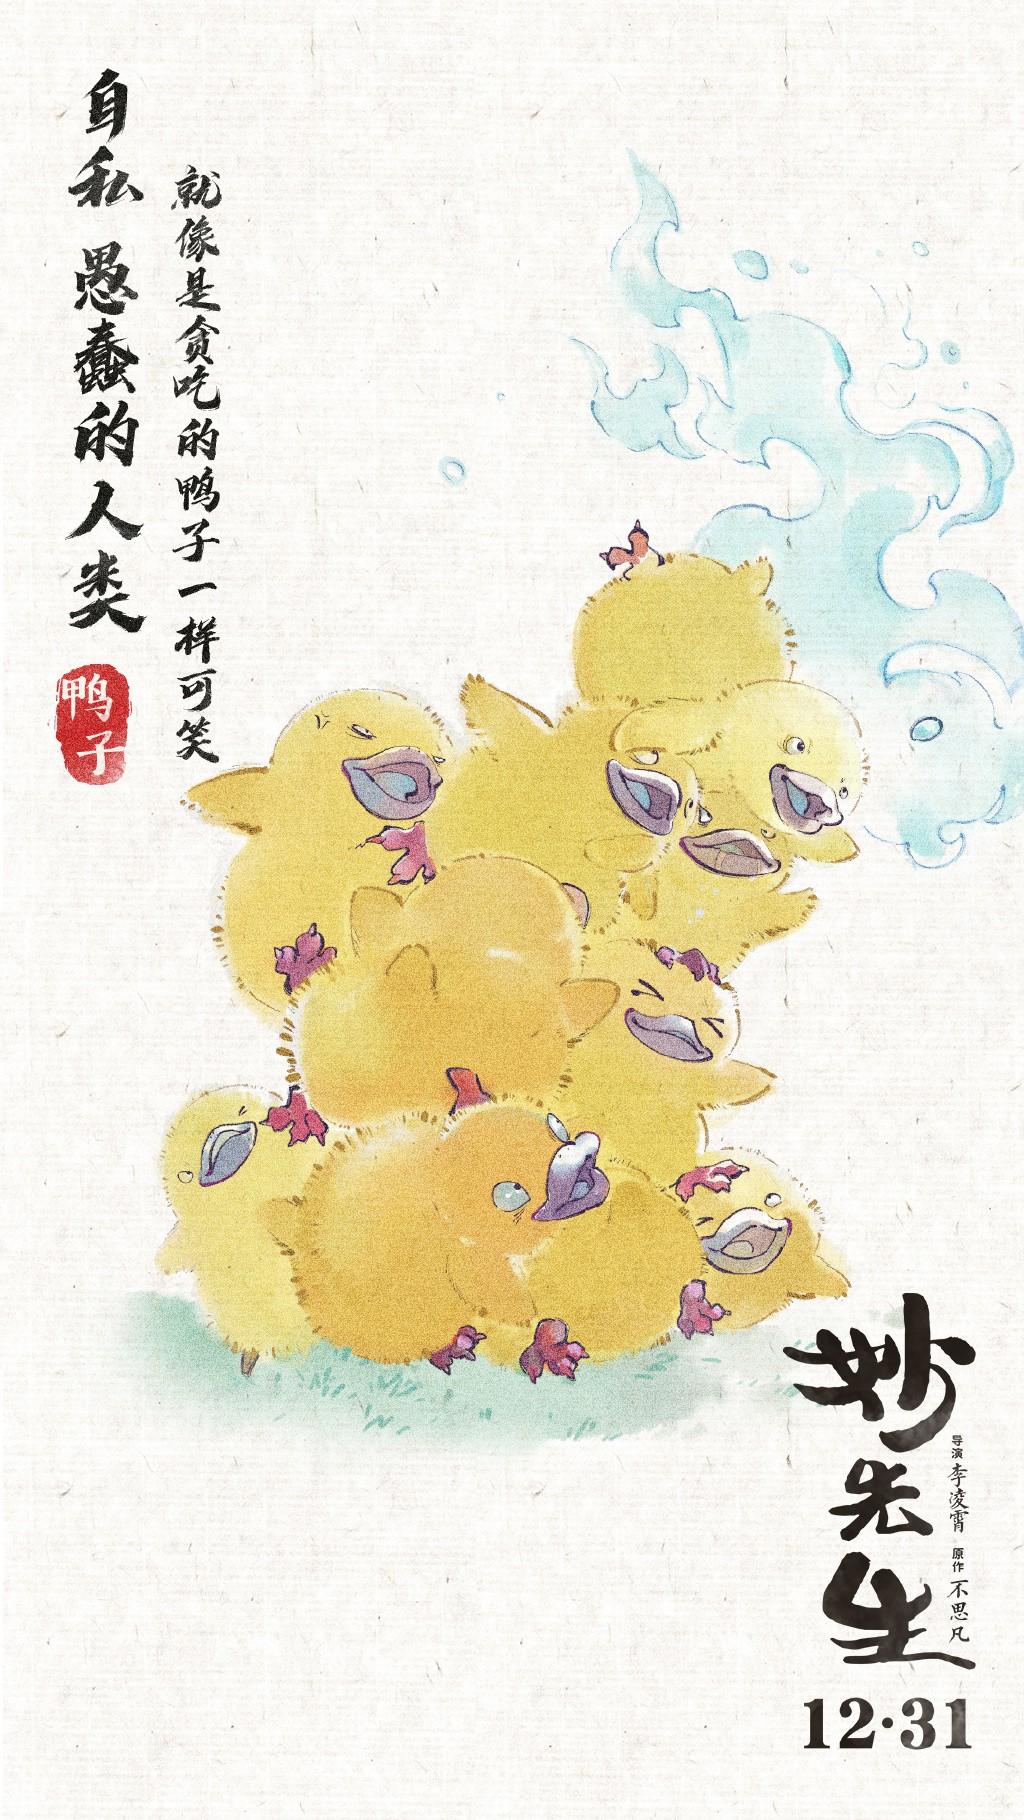 国产动画电影《妙先生》曝水墨风人物海报 善恶对错皆是选择